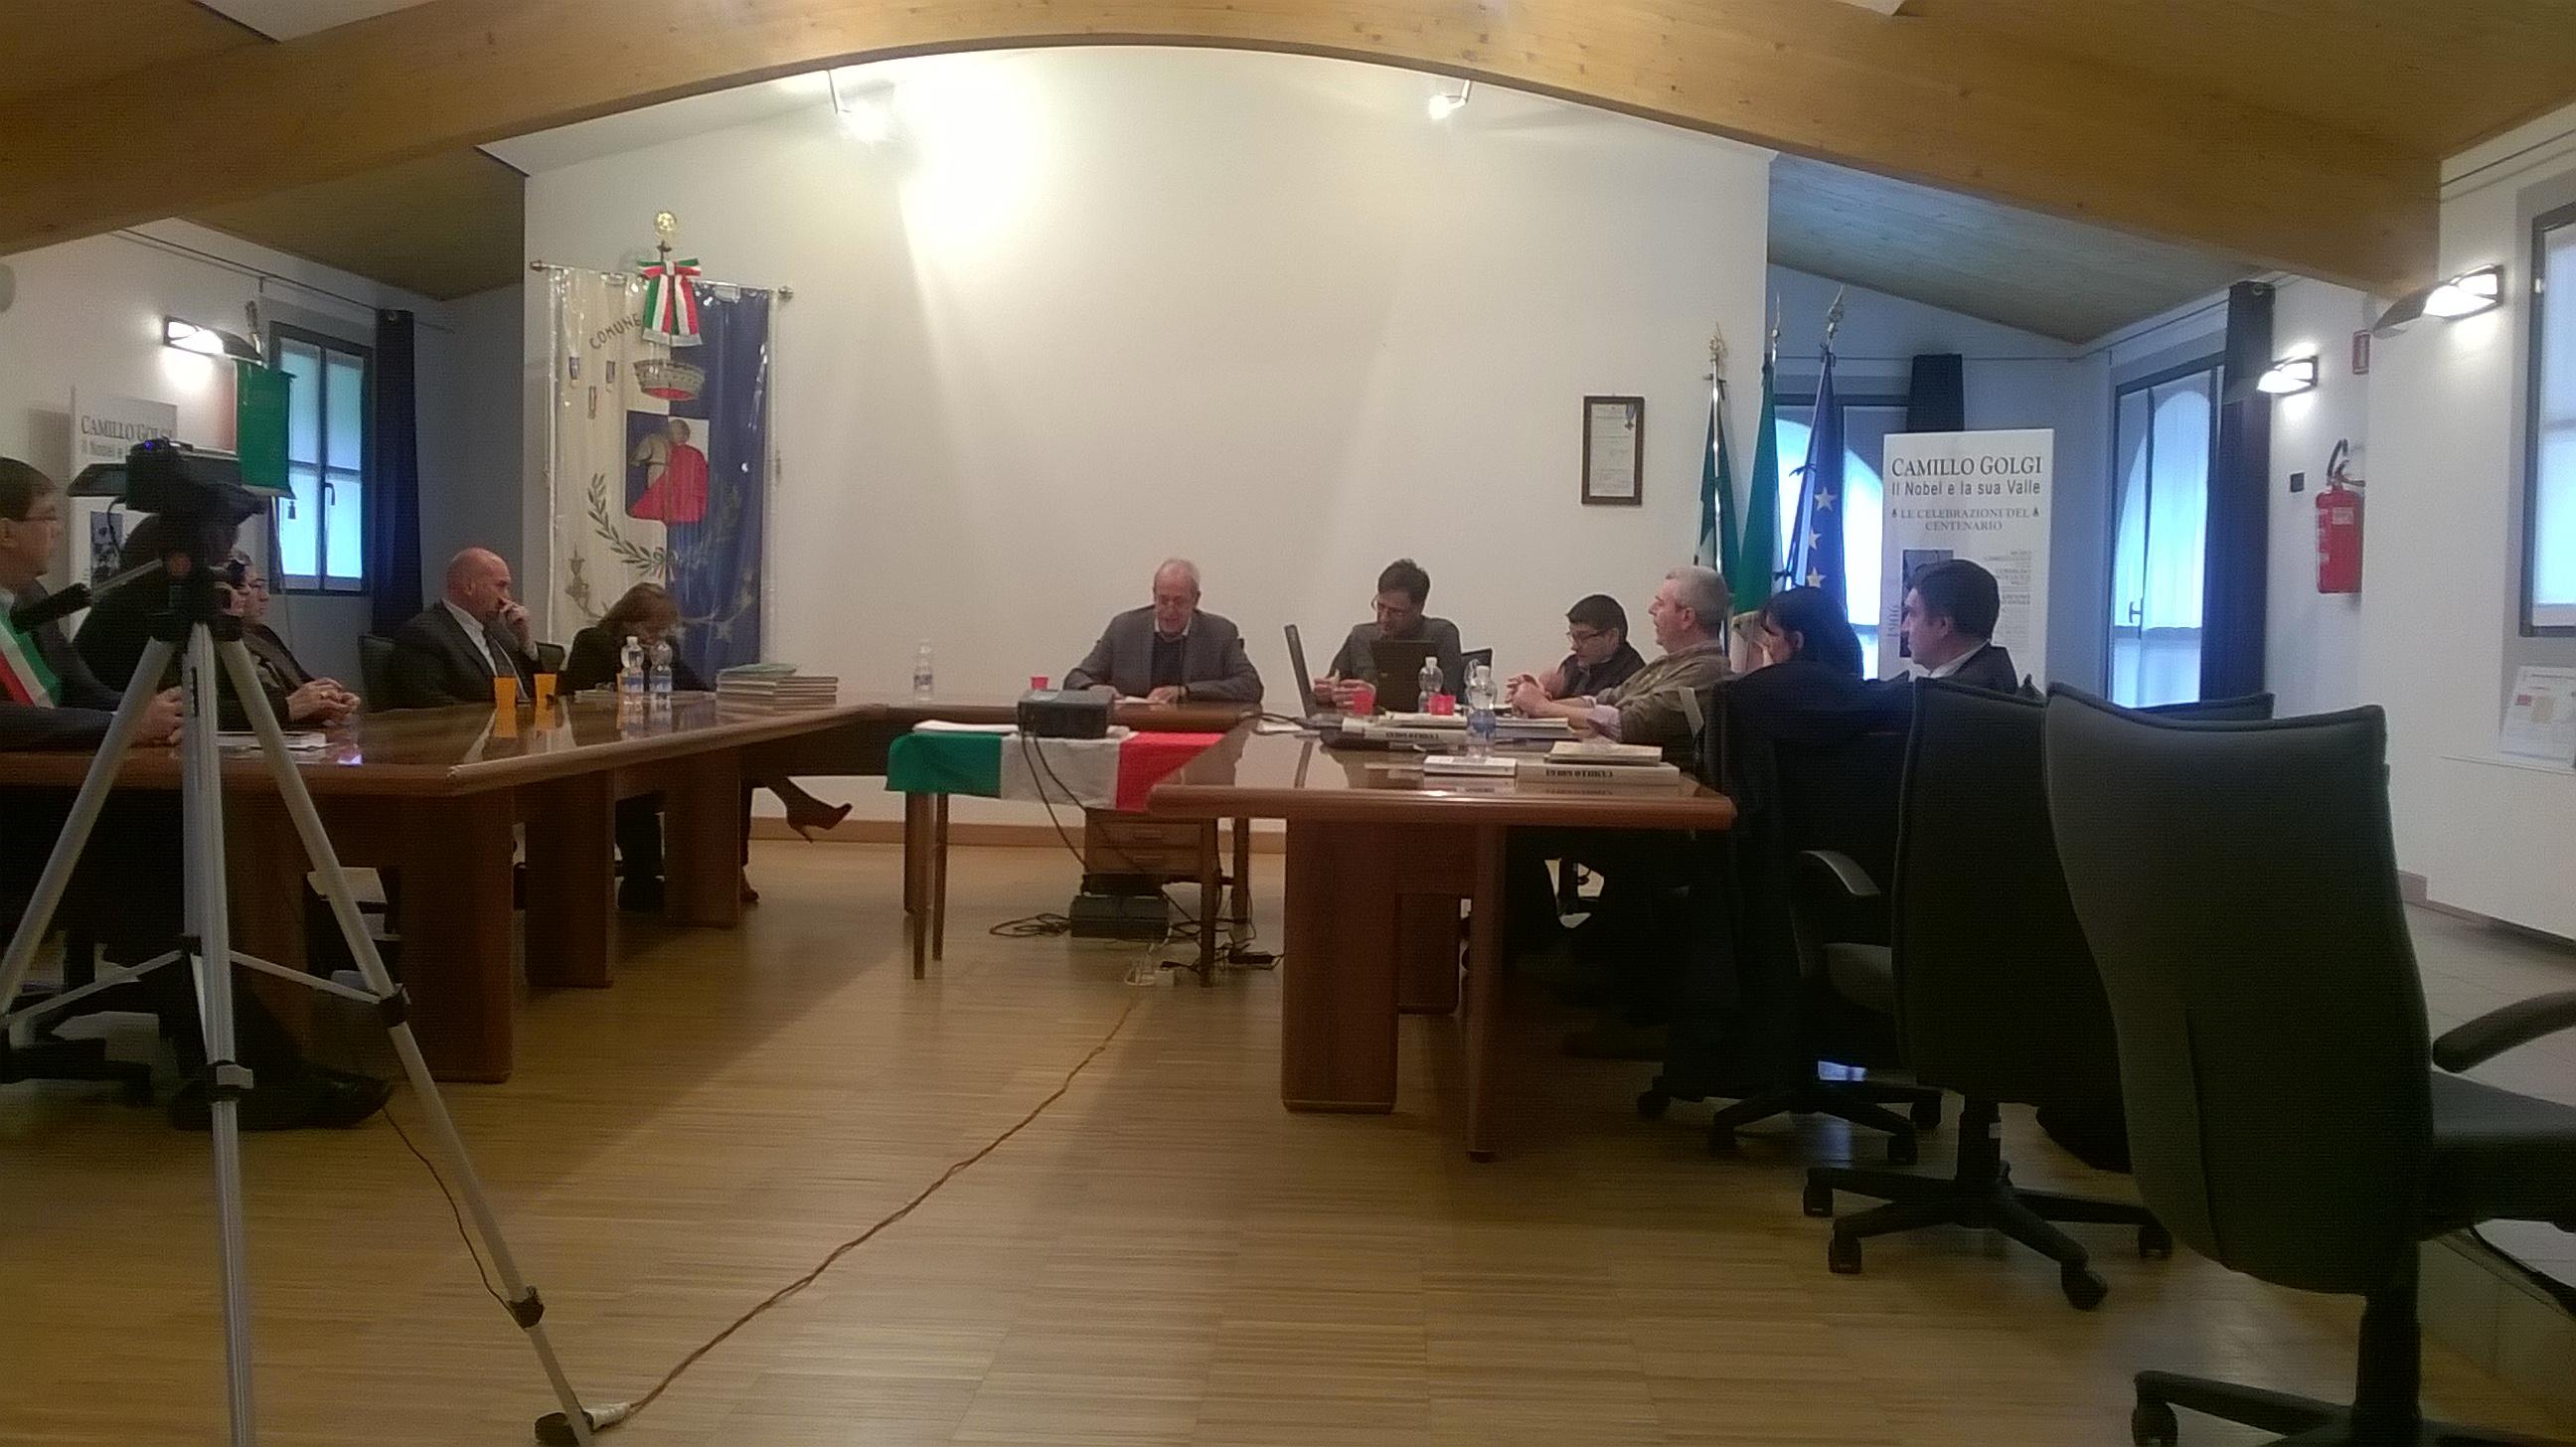 21_convegno Resistenza seme dell'Europa a Corteno Golgi